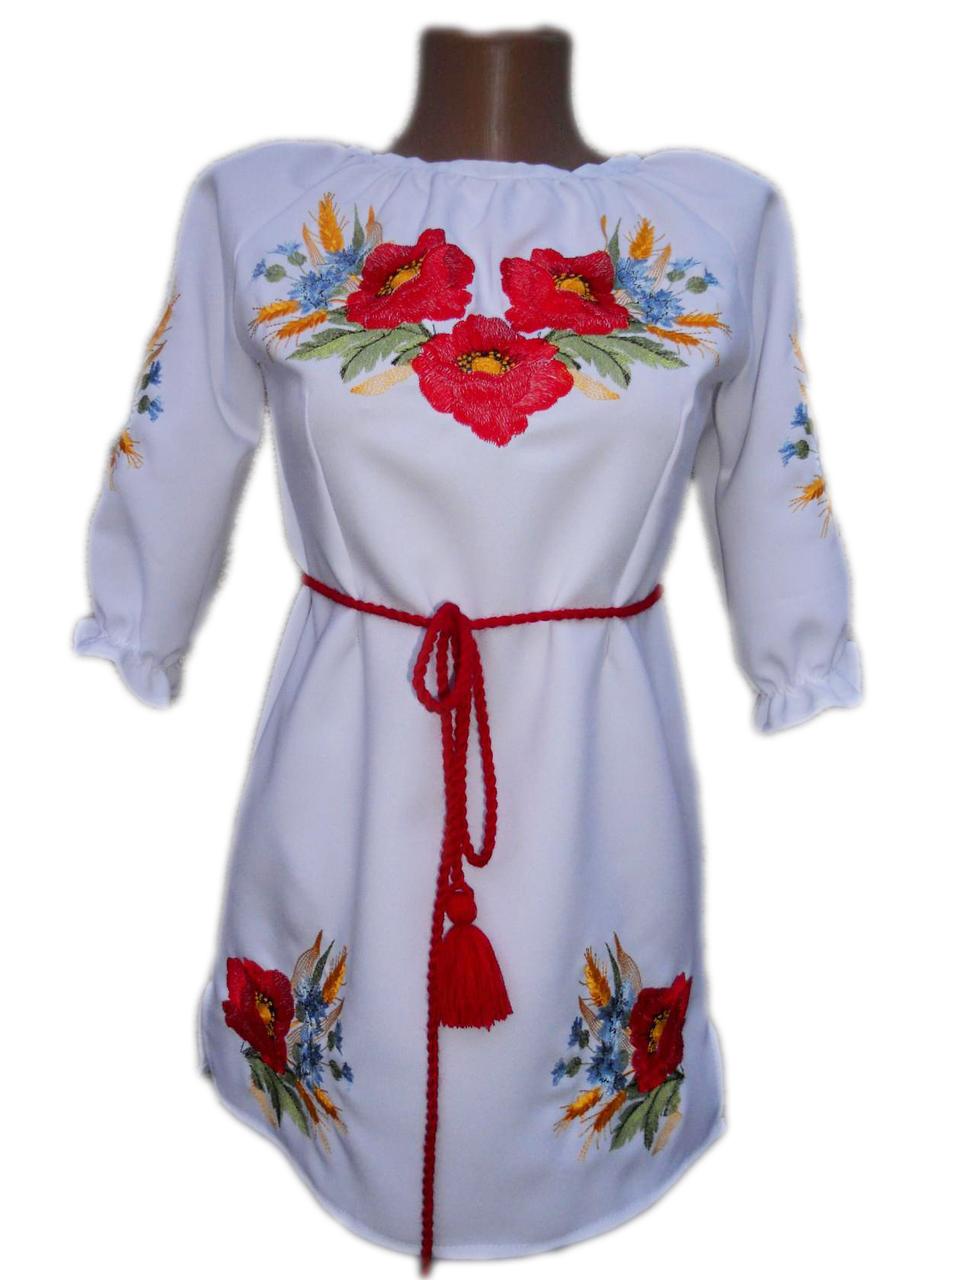 """Вишите плаття для дівчинки """"Маребі"""" (Вышитое платье для девочки """"Мареби"""") DN-0029"""